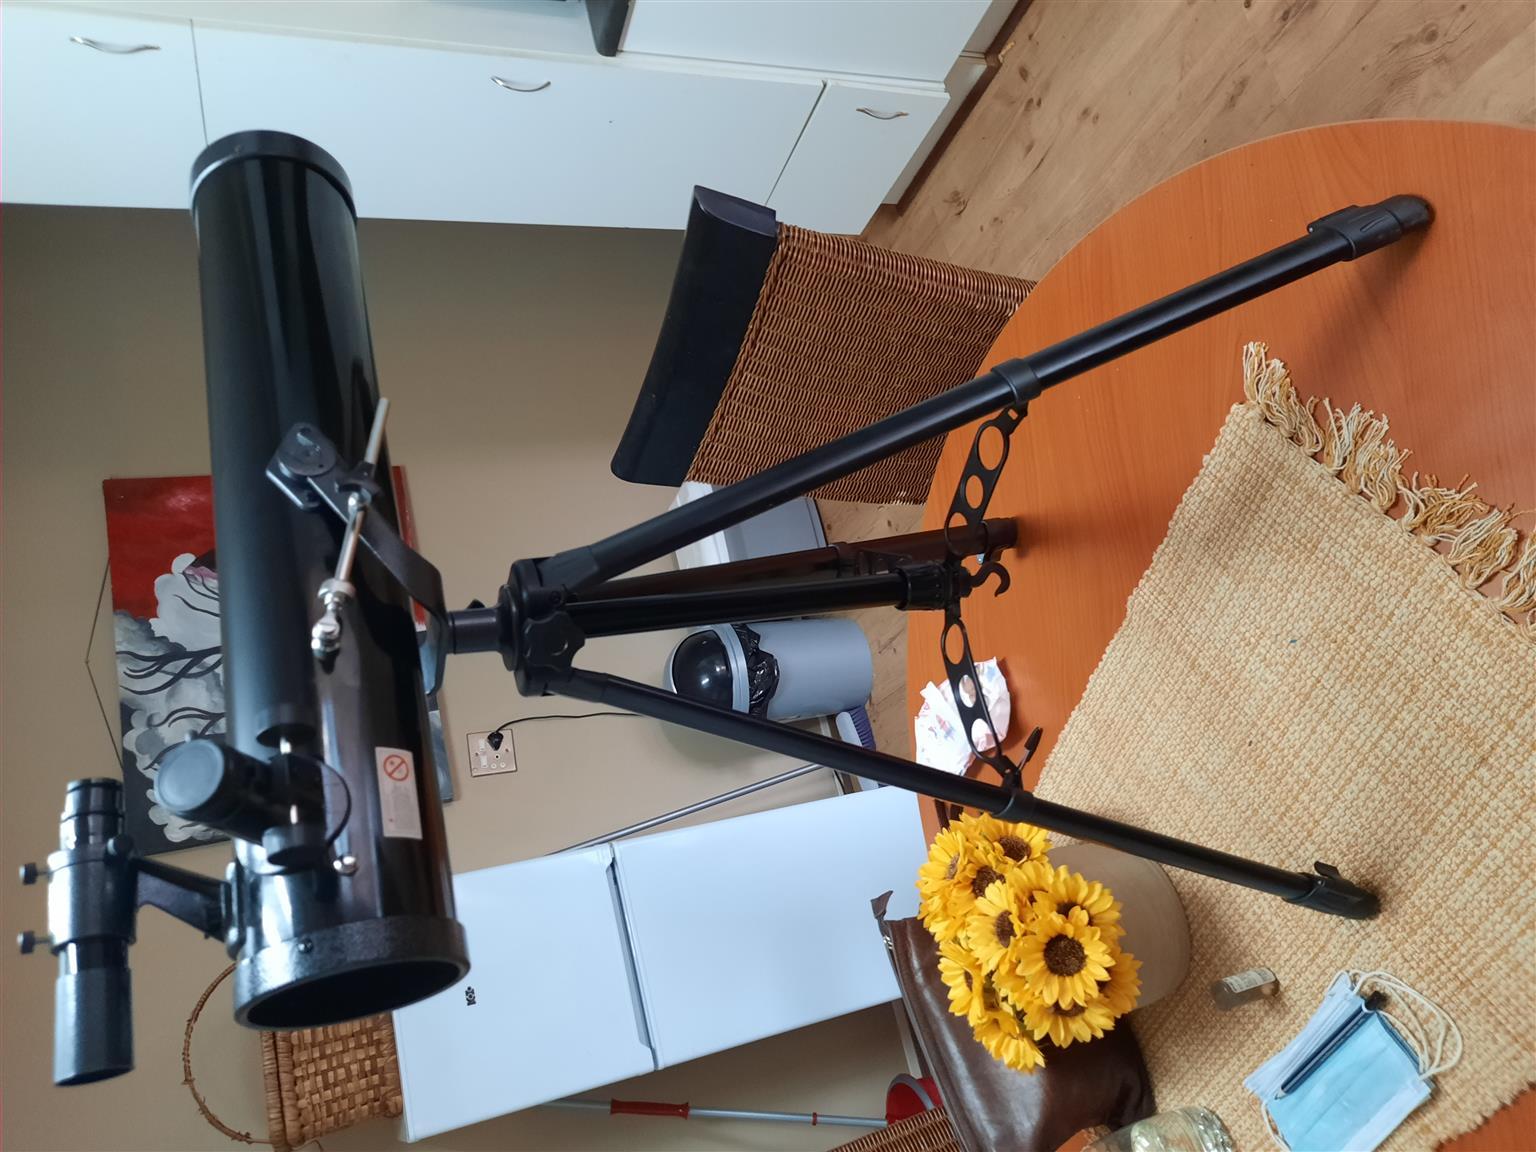 Malkin Telescope for Sale